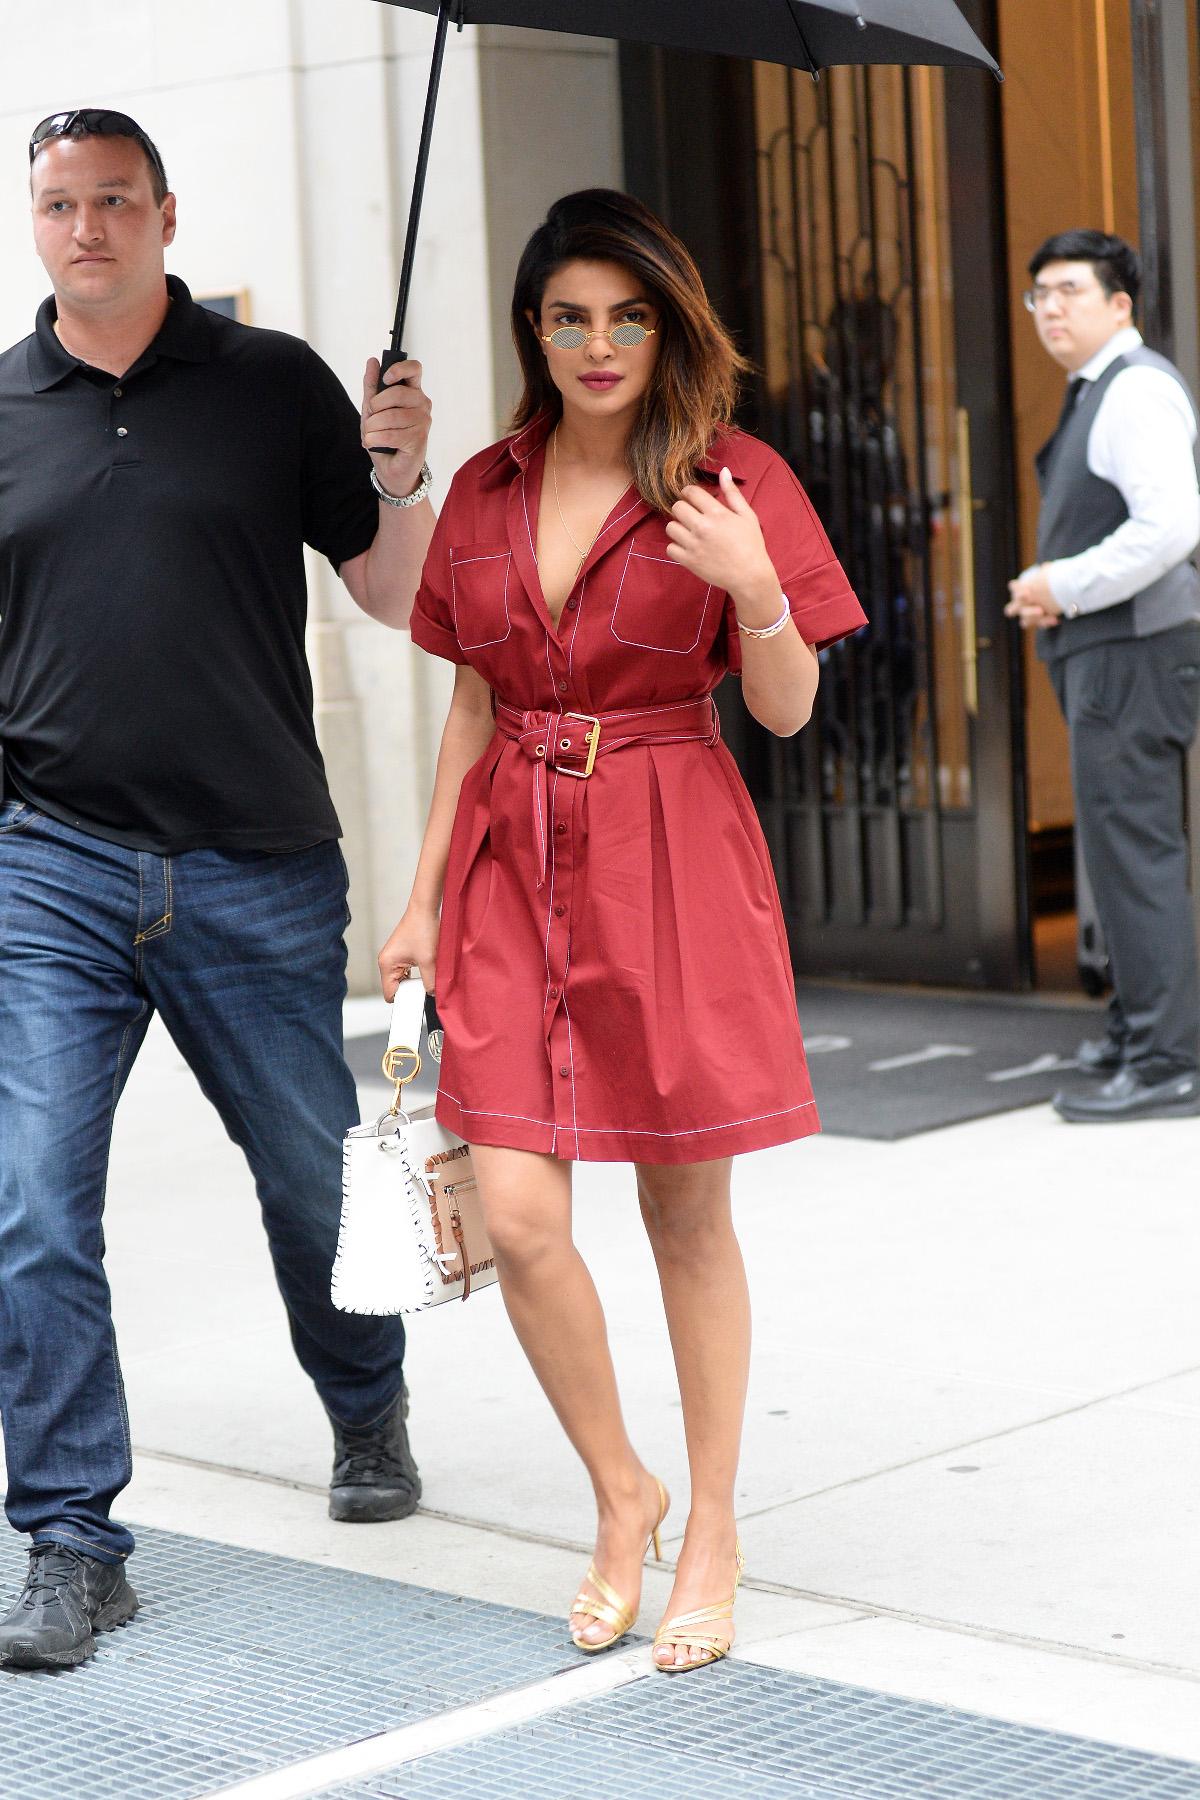 priyanka crvena haljina